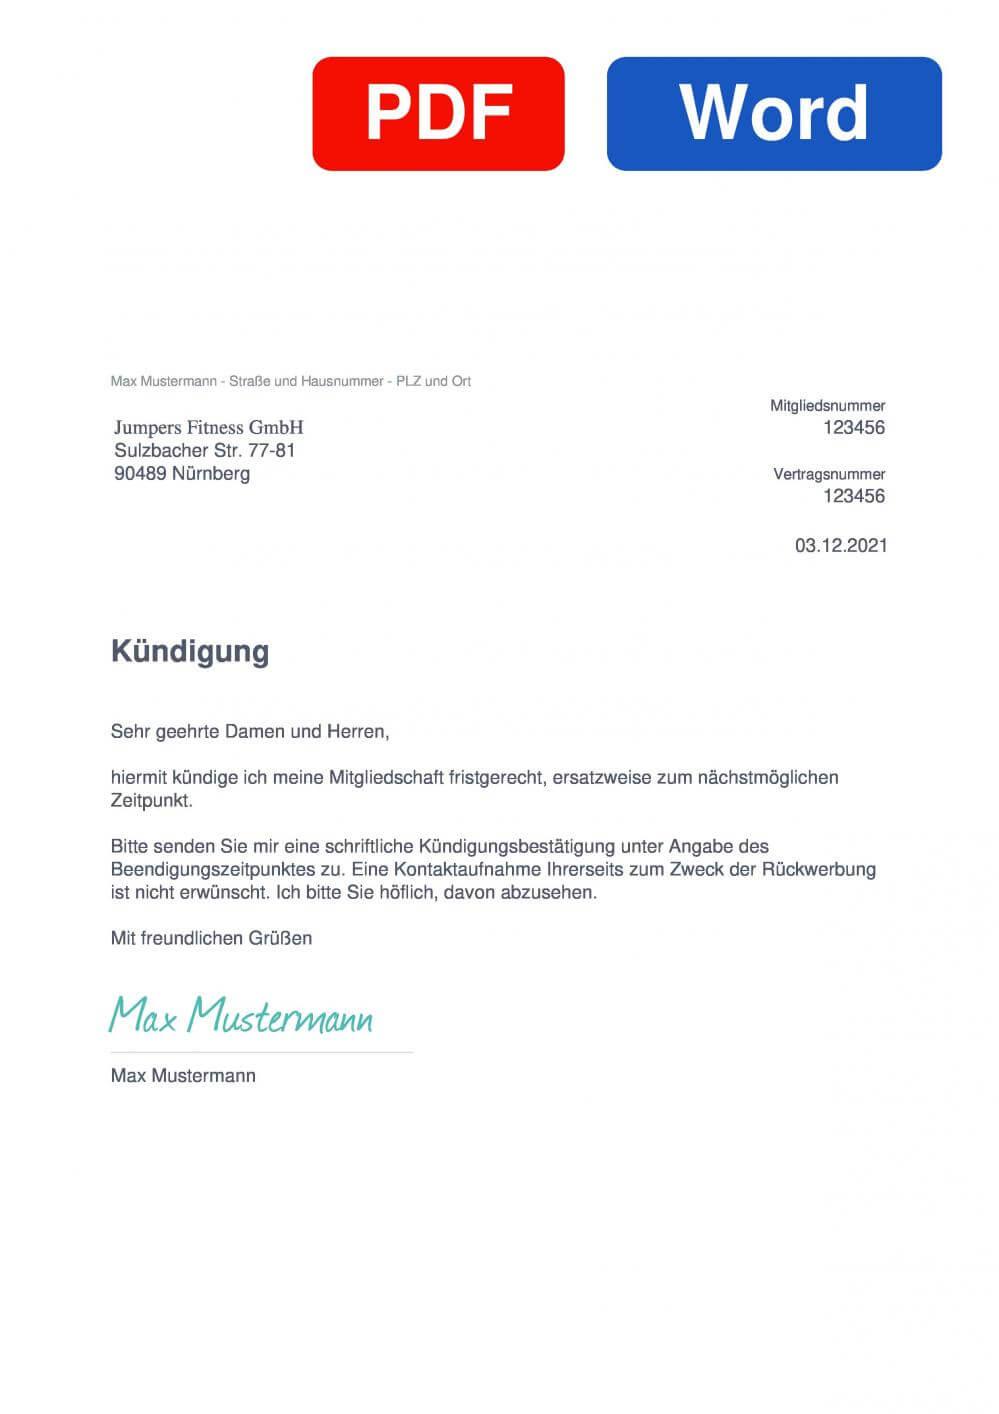 jumpers Nürnberg Muster Vorlage für Kündigungsschreiben